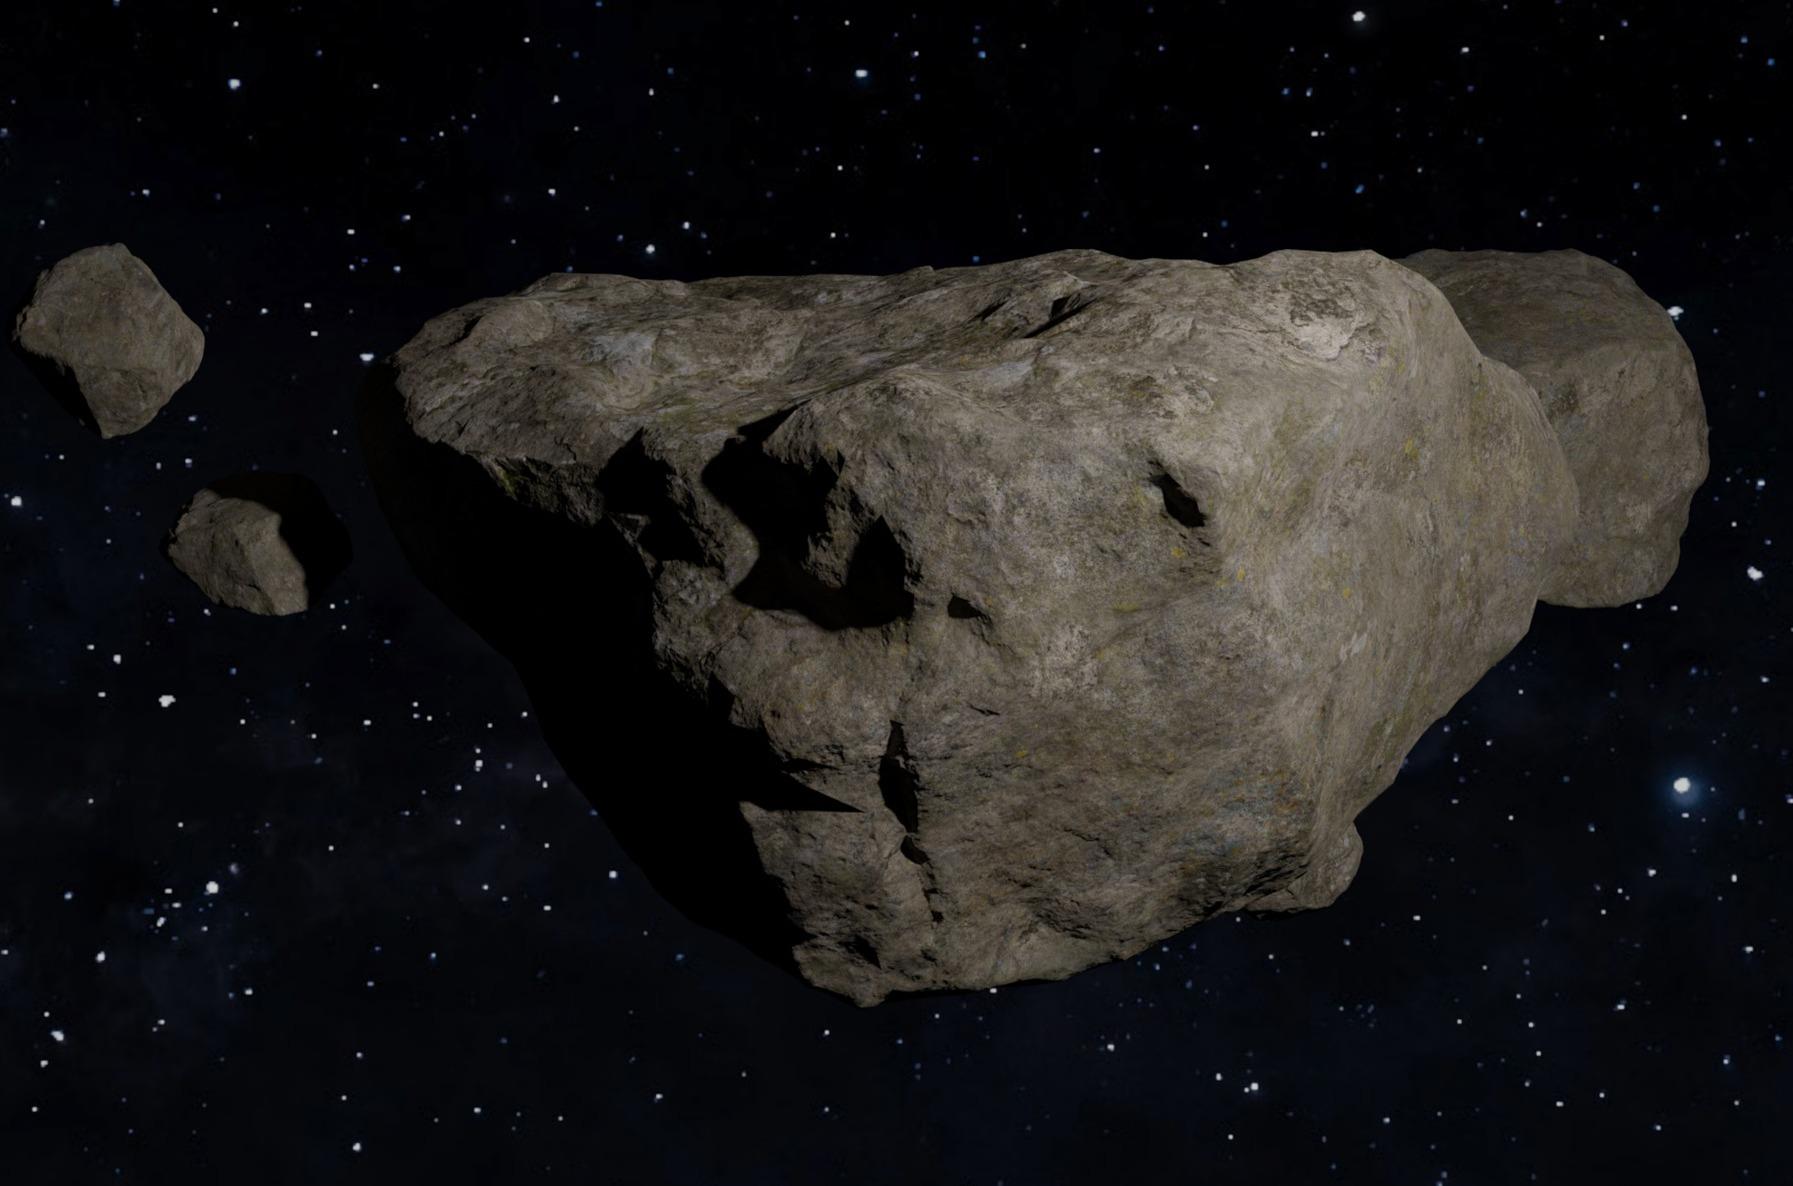 К Земле приблизится астероид размером с футбольное поле